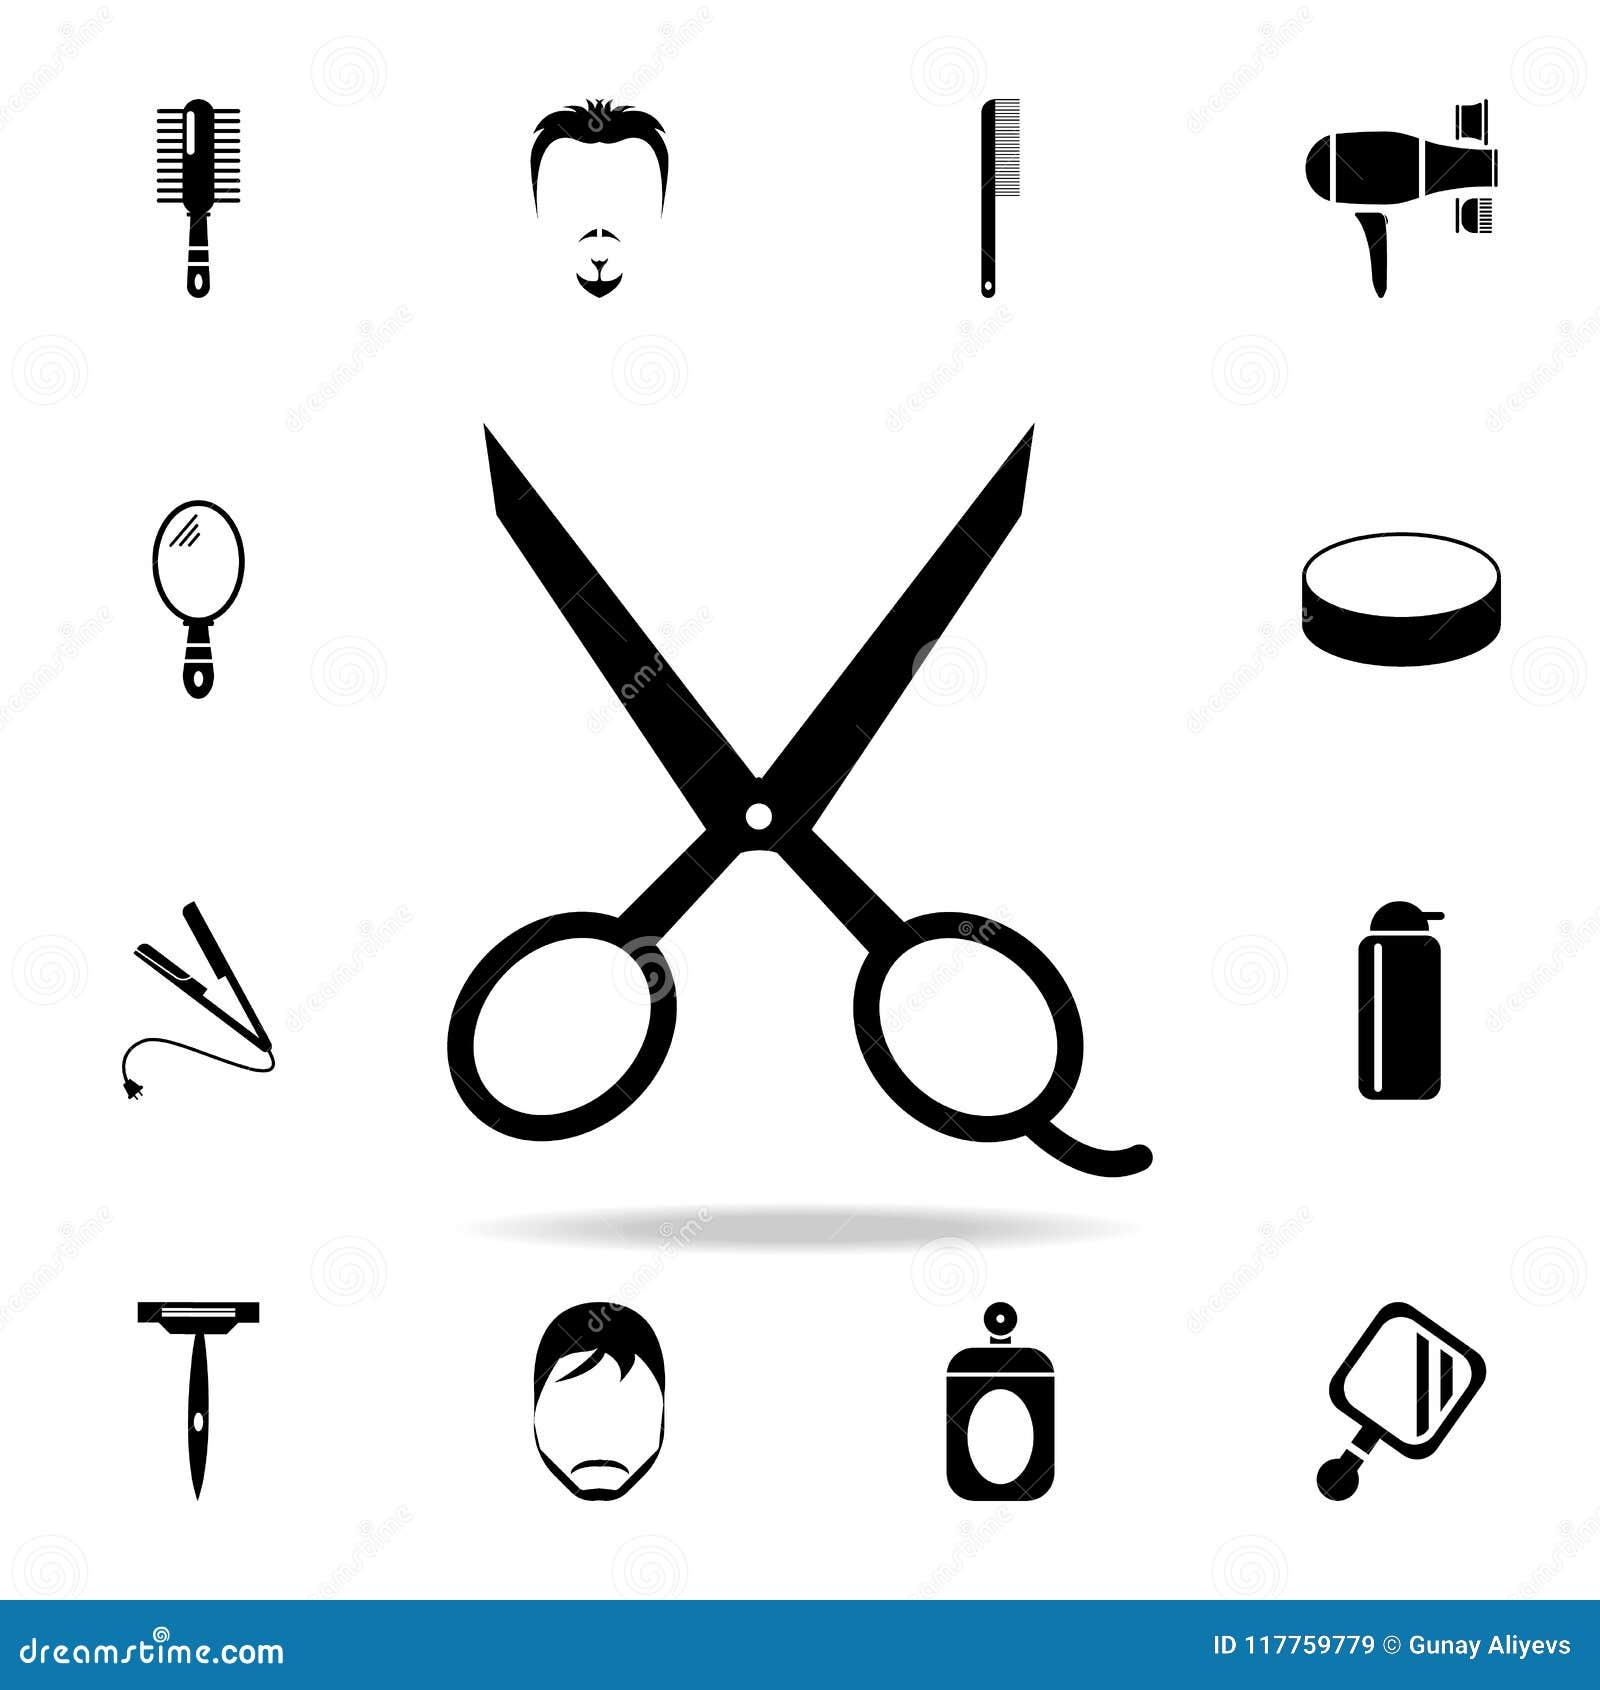 scissors icon detailed set of barber tools premium graphic design